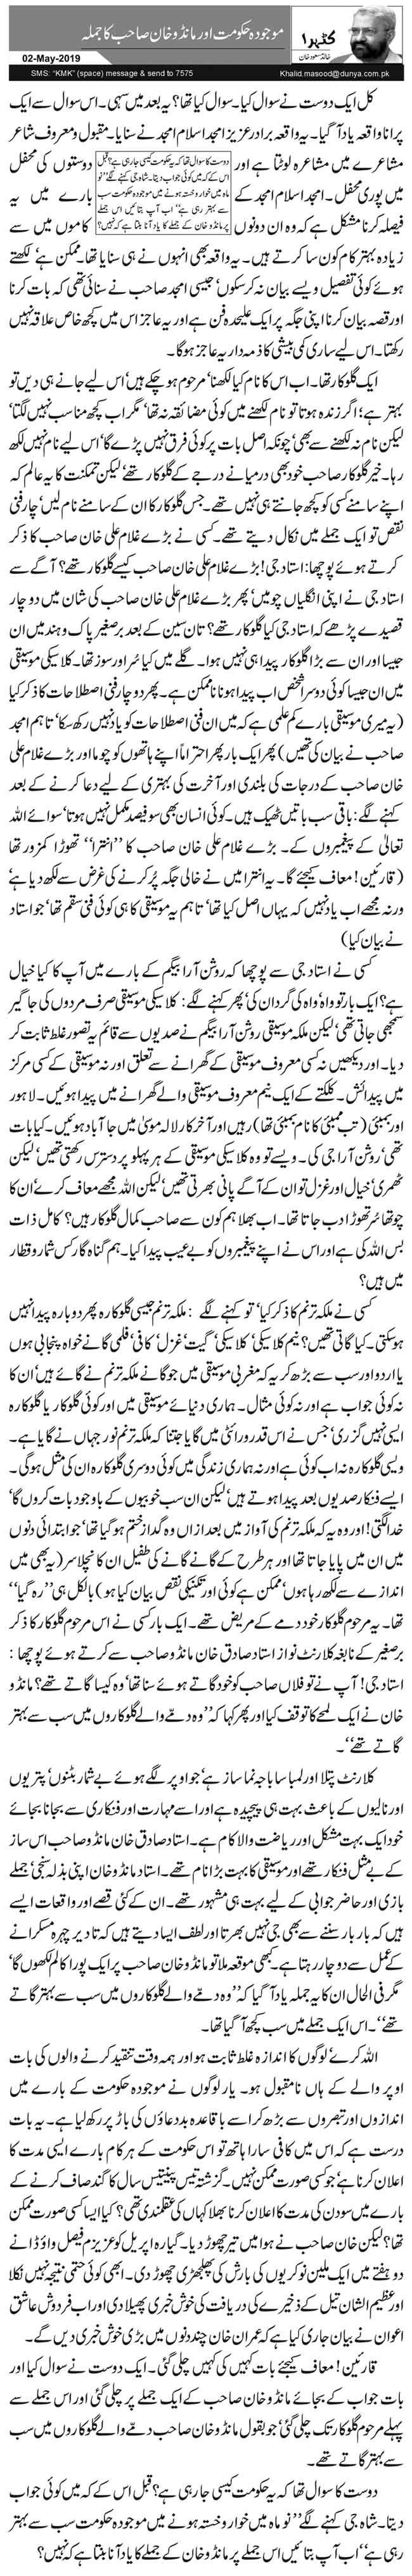 موجودہ حکومت اور مانڈو خان صاحب کا جملہ